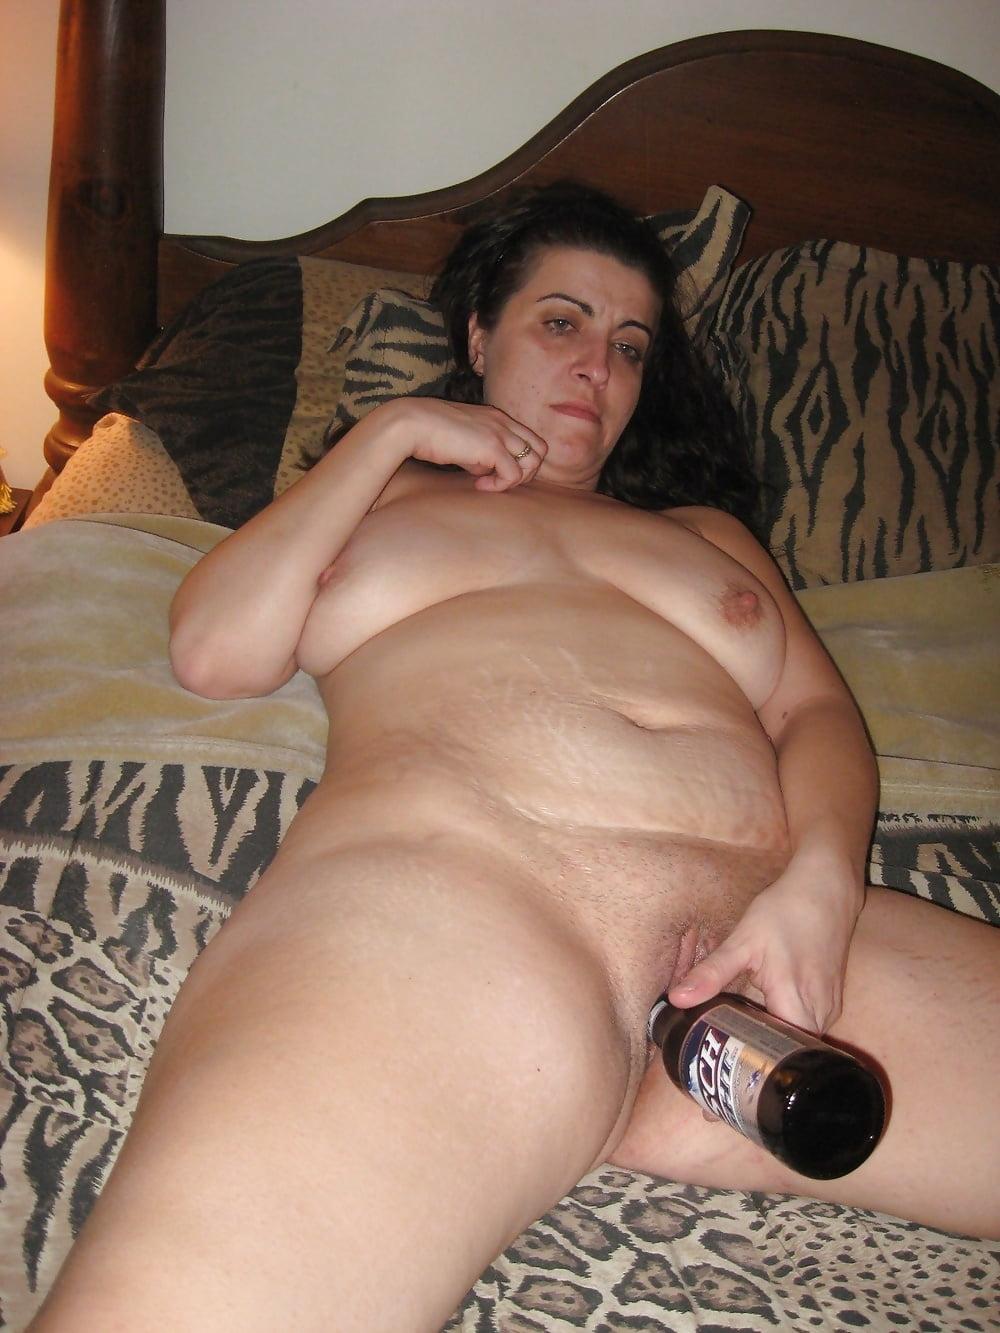 зрелые увеличенное фото пышки мастурбируют большими предметами мужчина